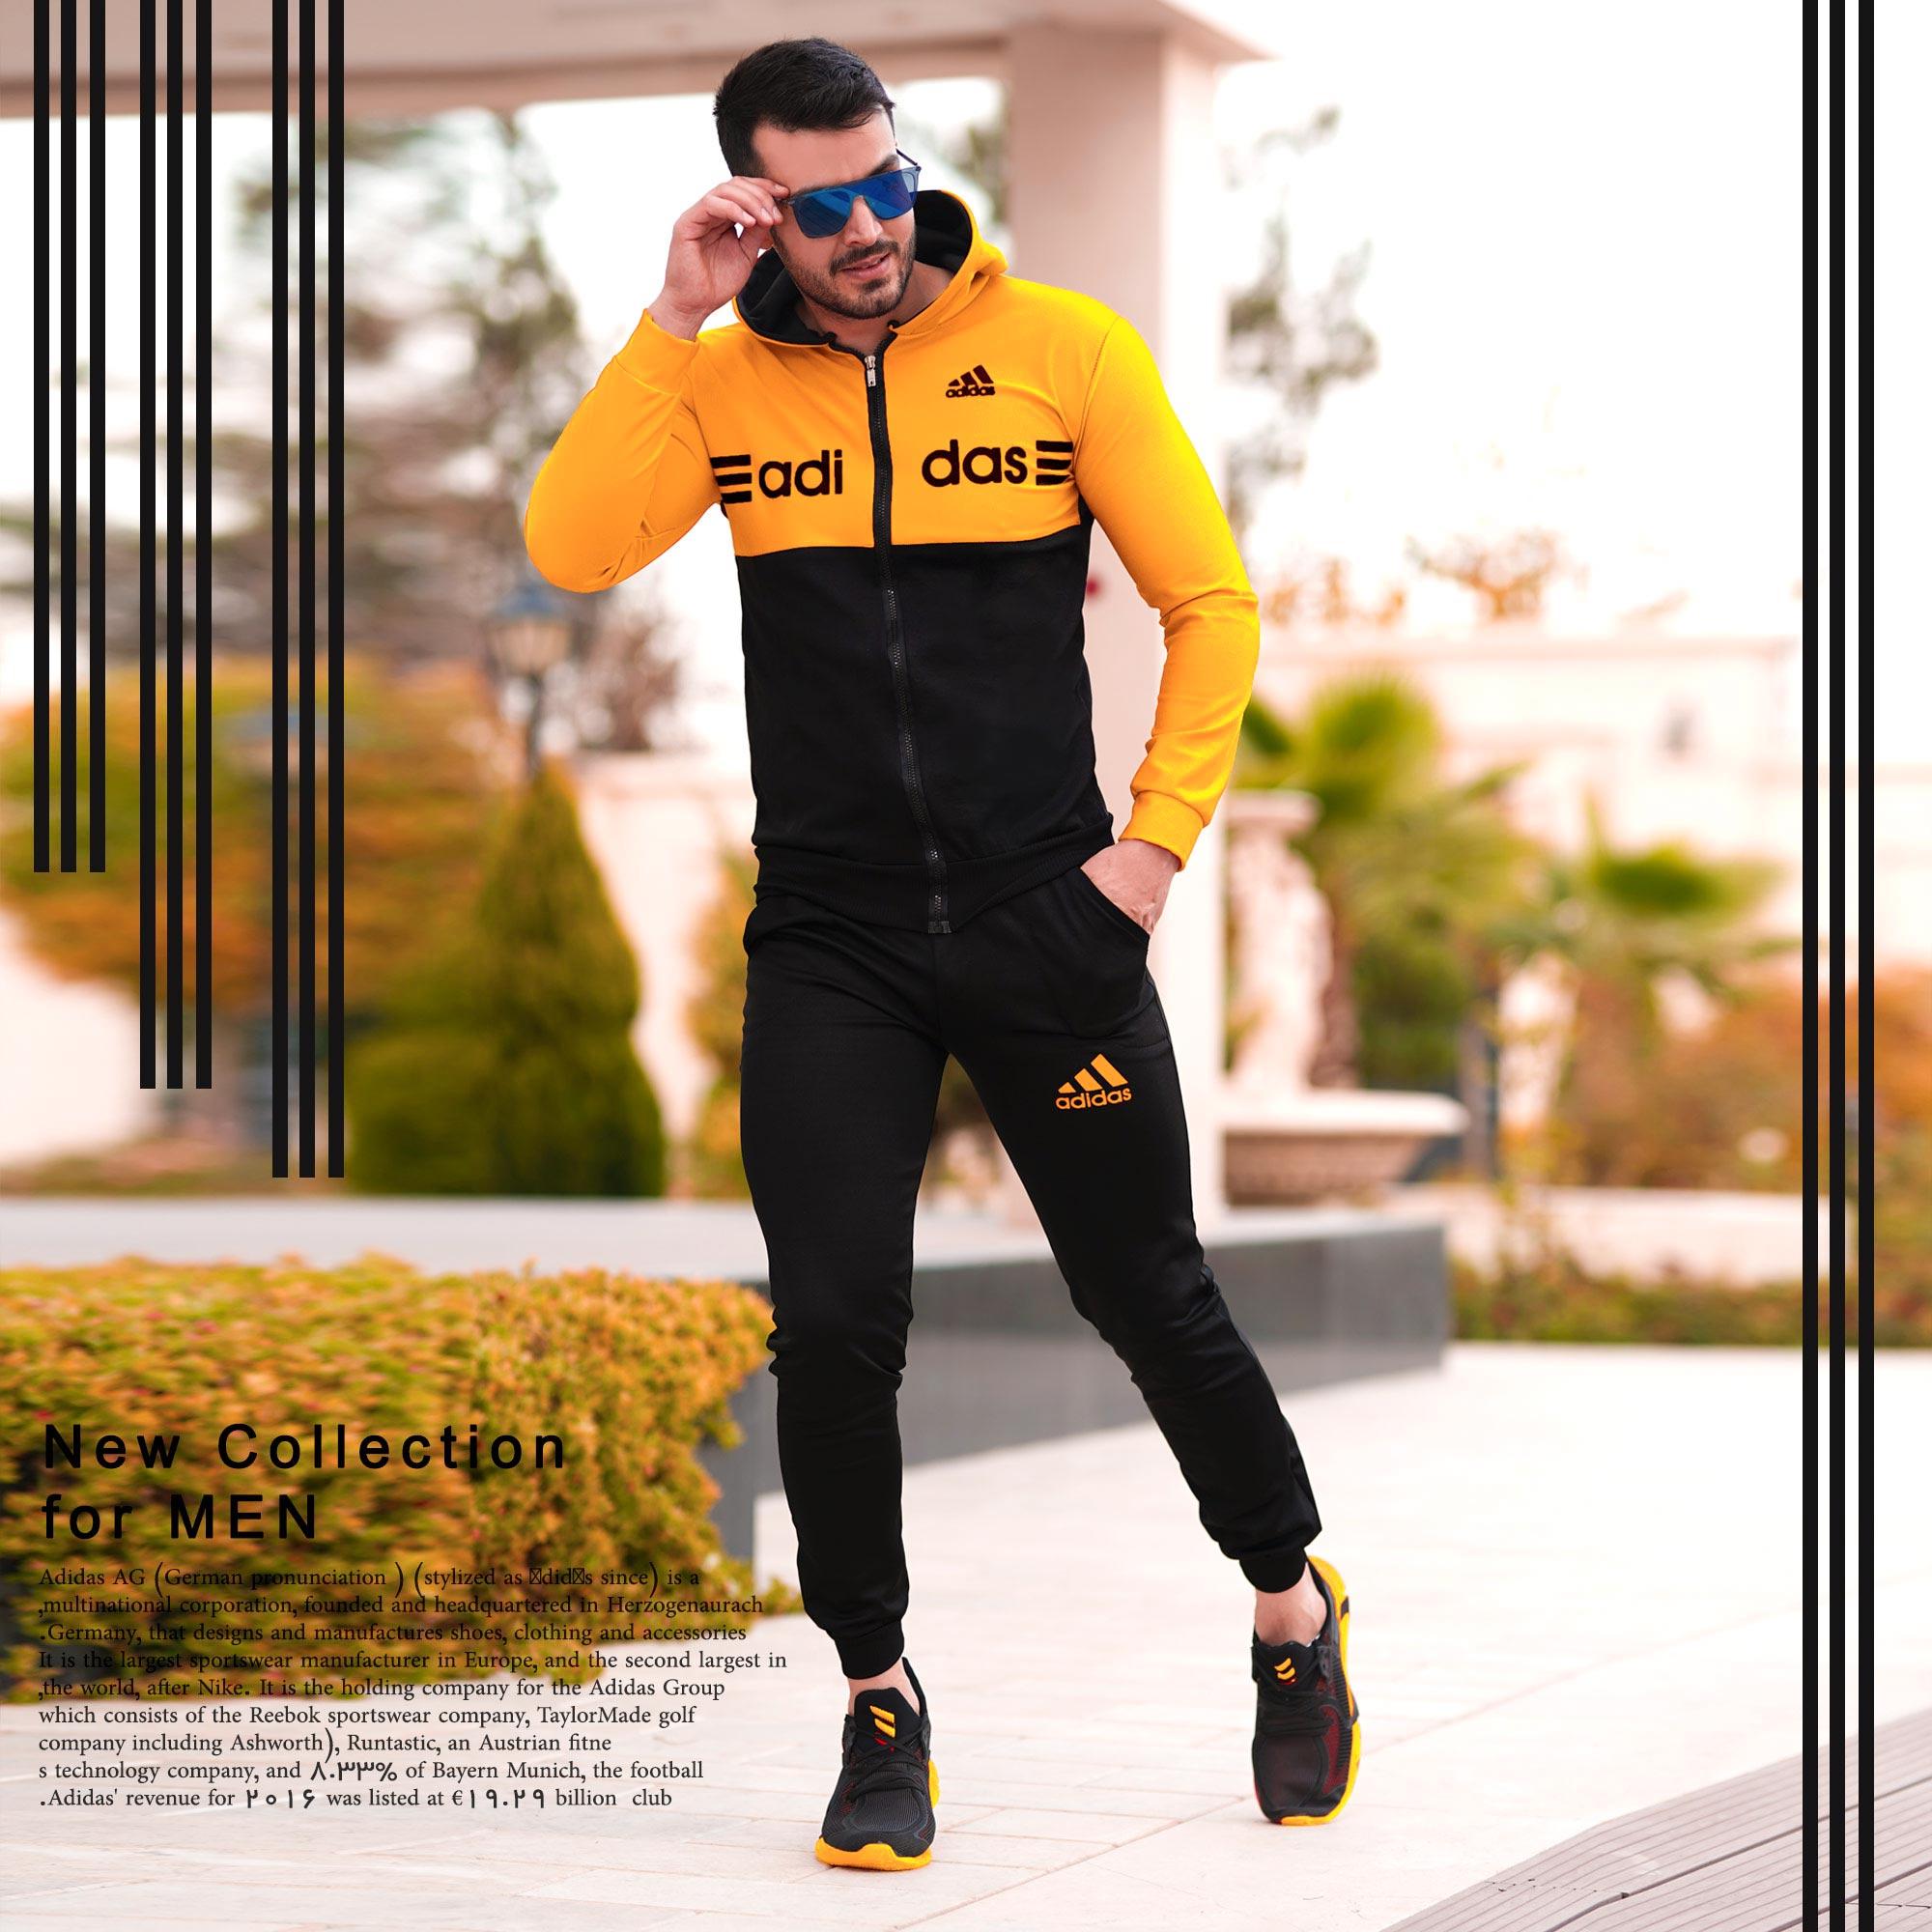 ست سویشرت وشلوار adidas مدل Himan (زرد)